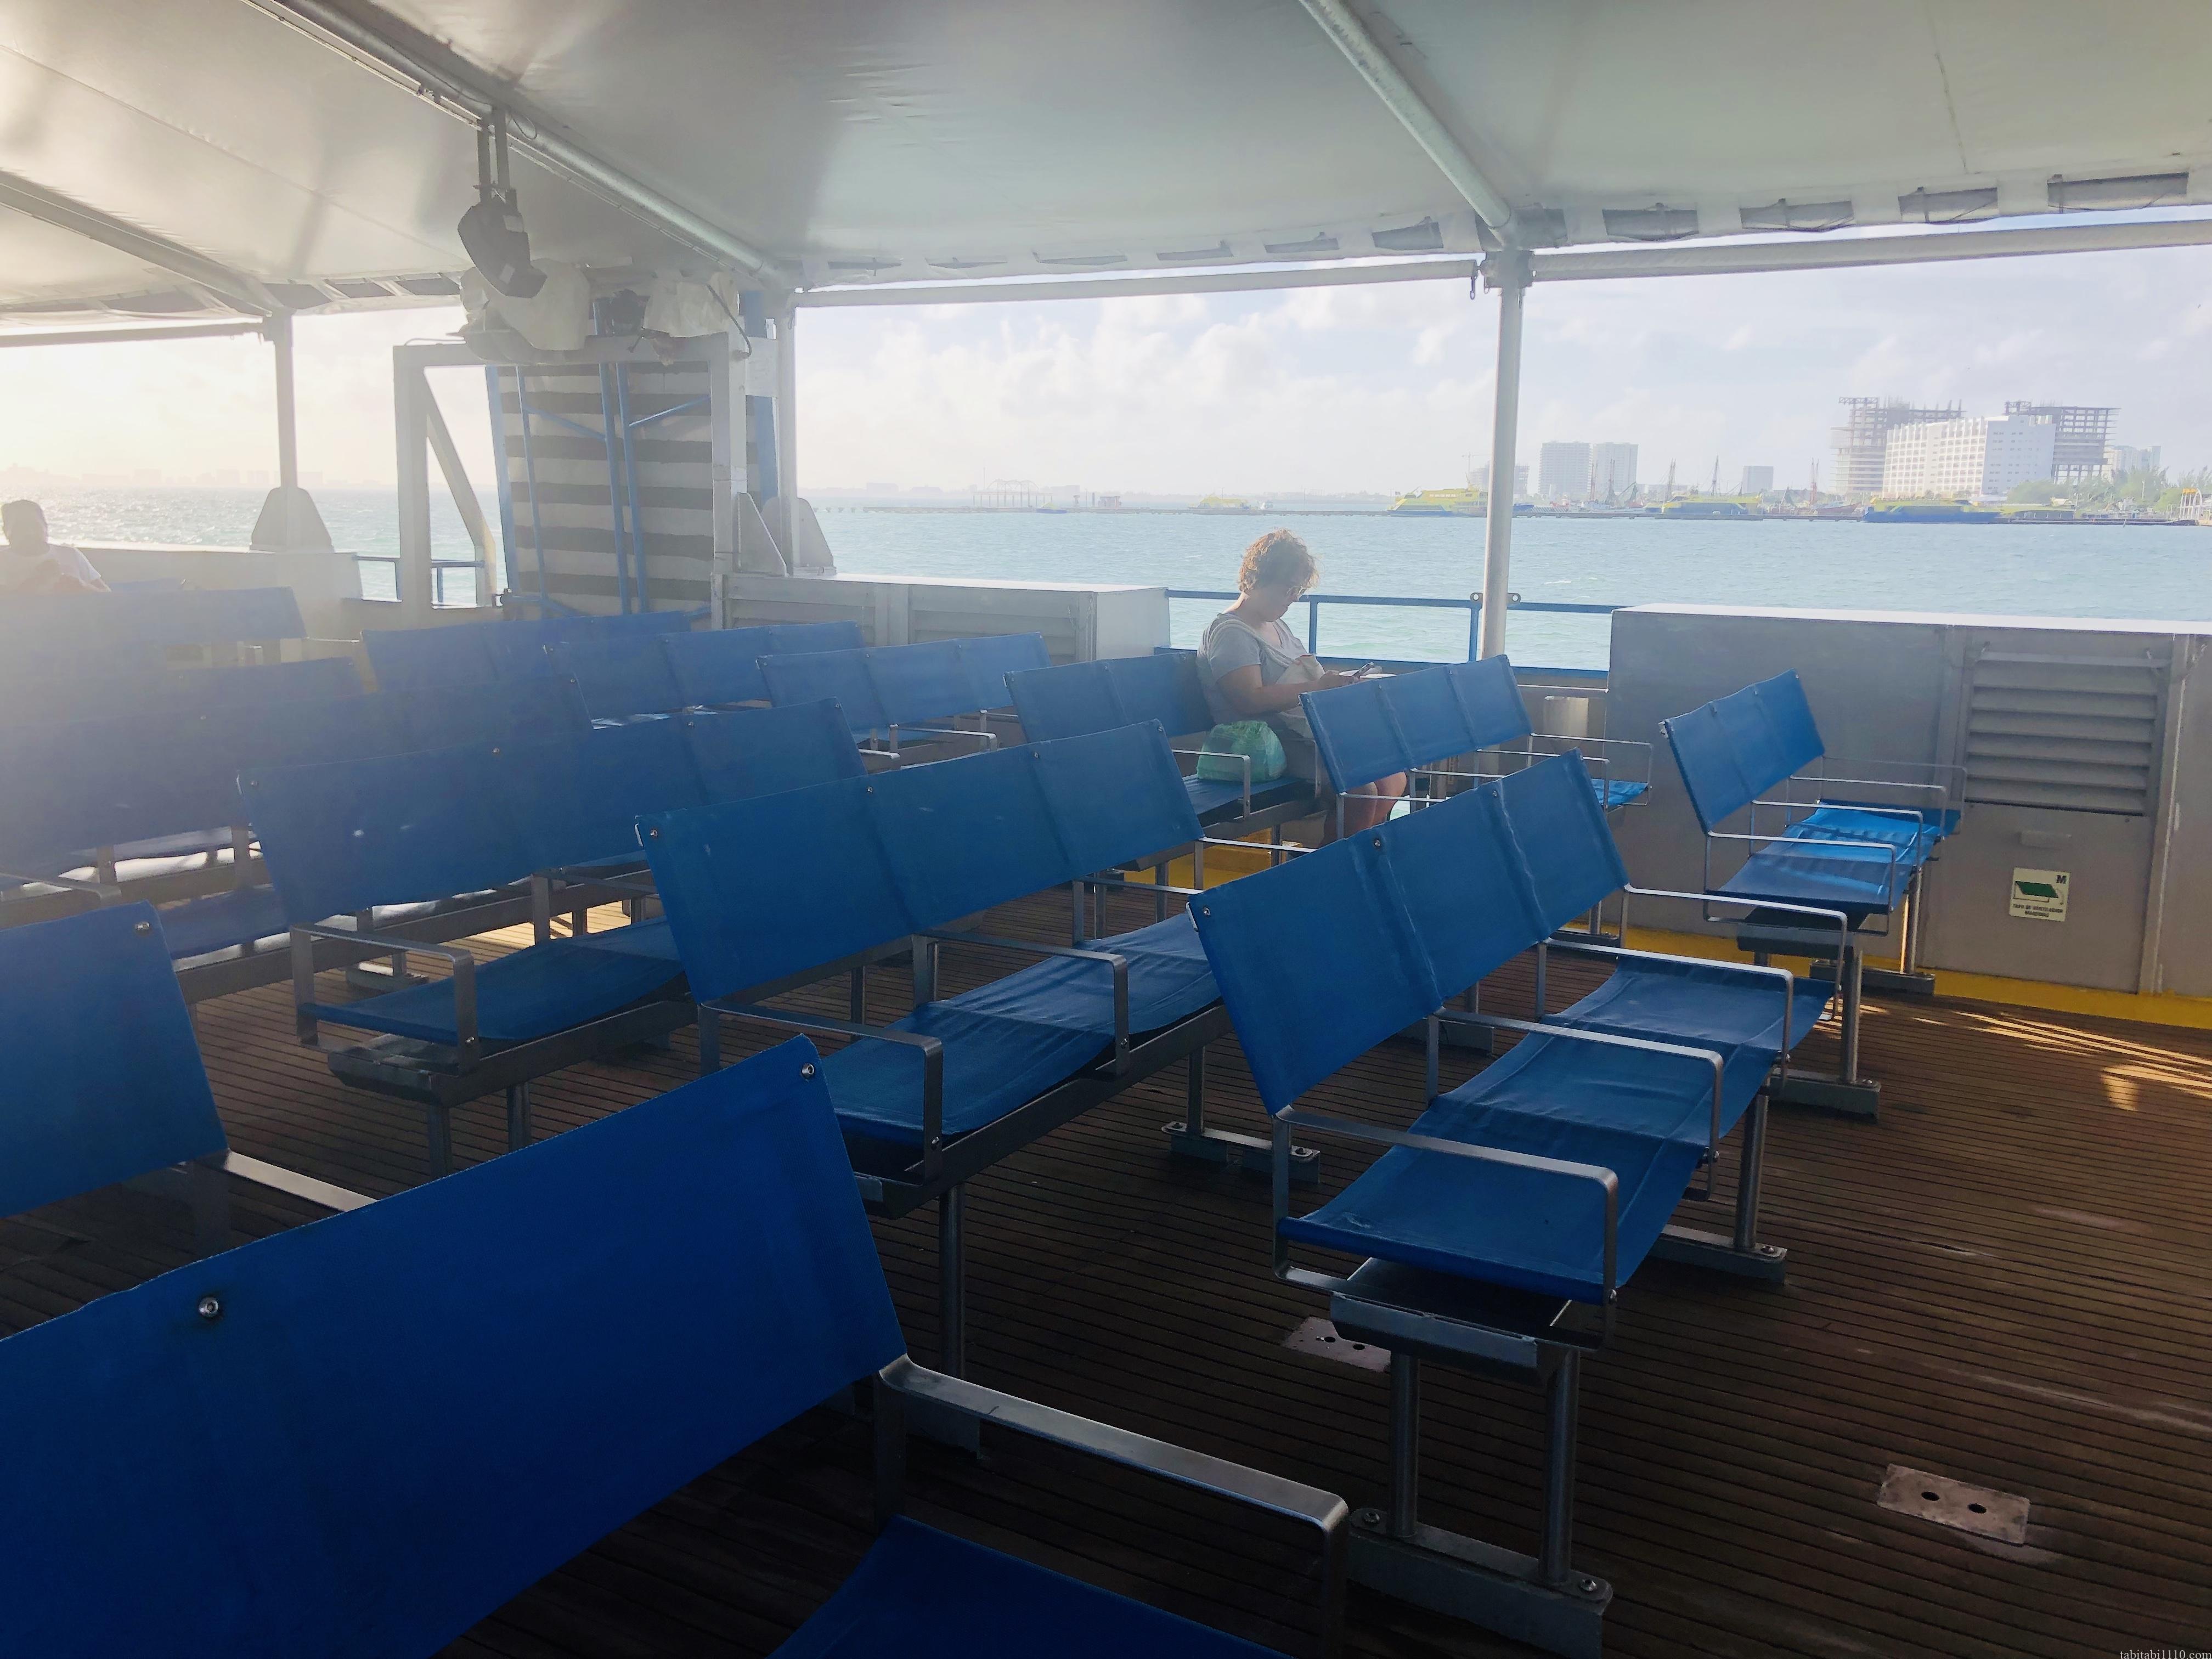 カンクン→イスラムヘーレス行きのフェリー船内